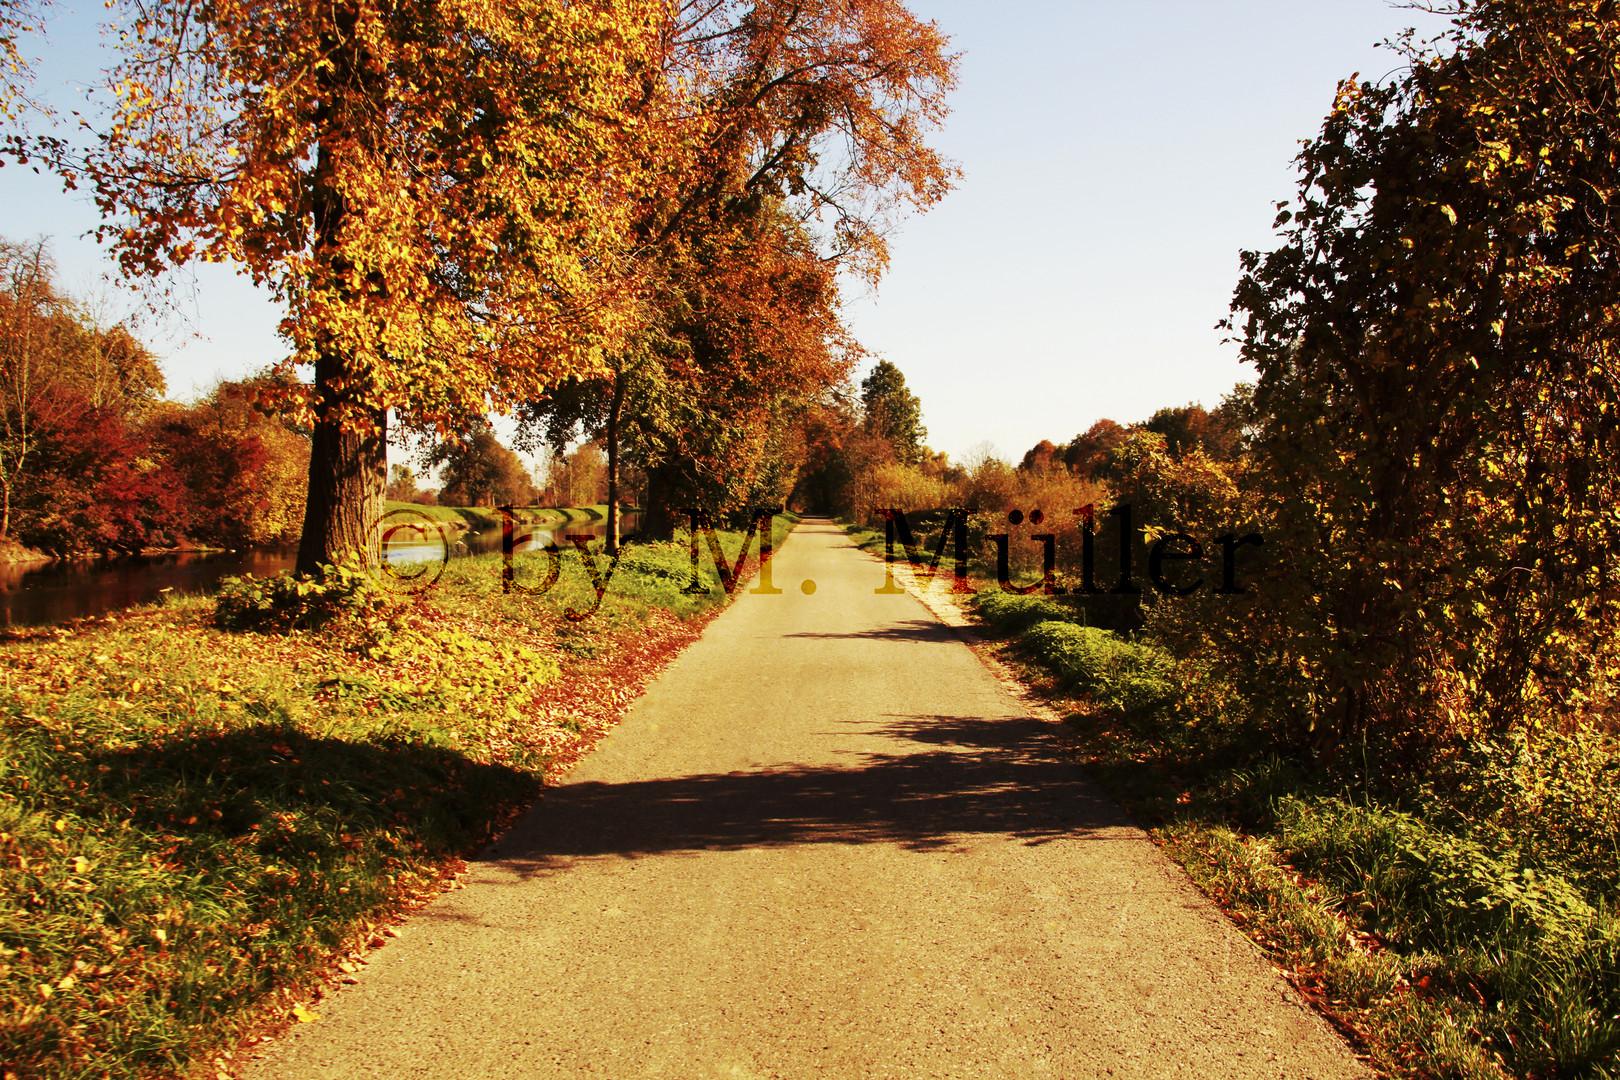 Straße im Herbst